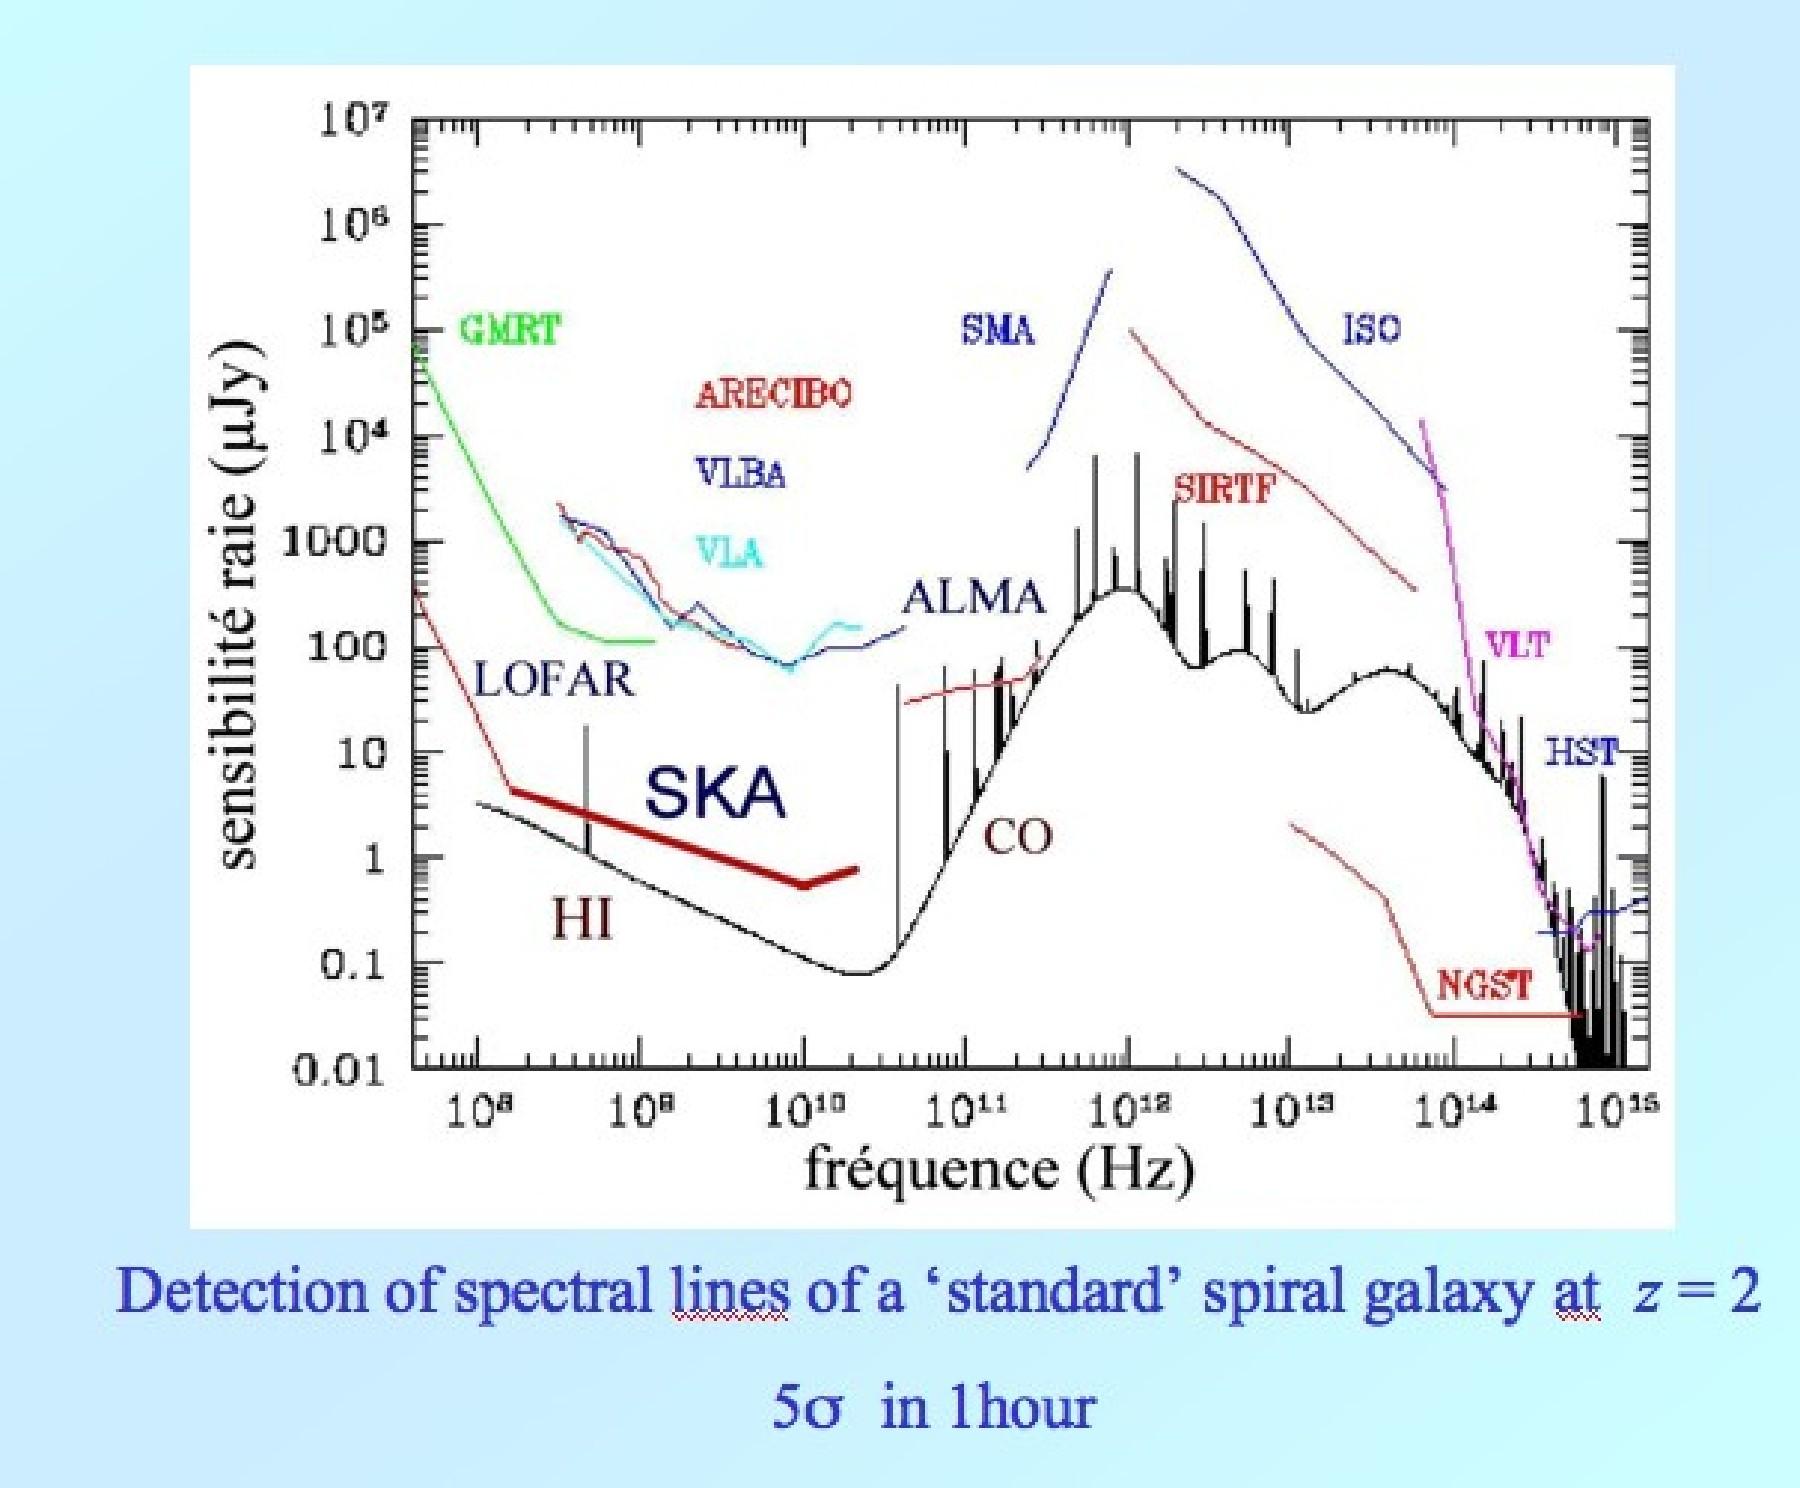 L* Galaxy at z=2